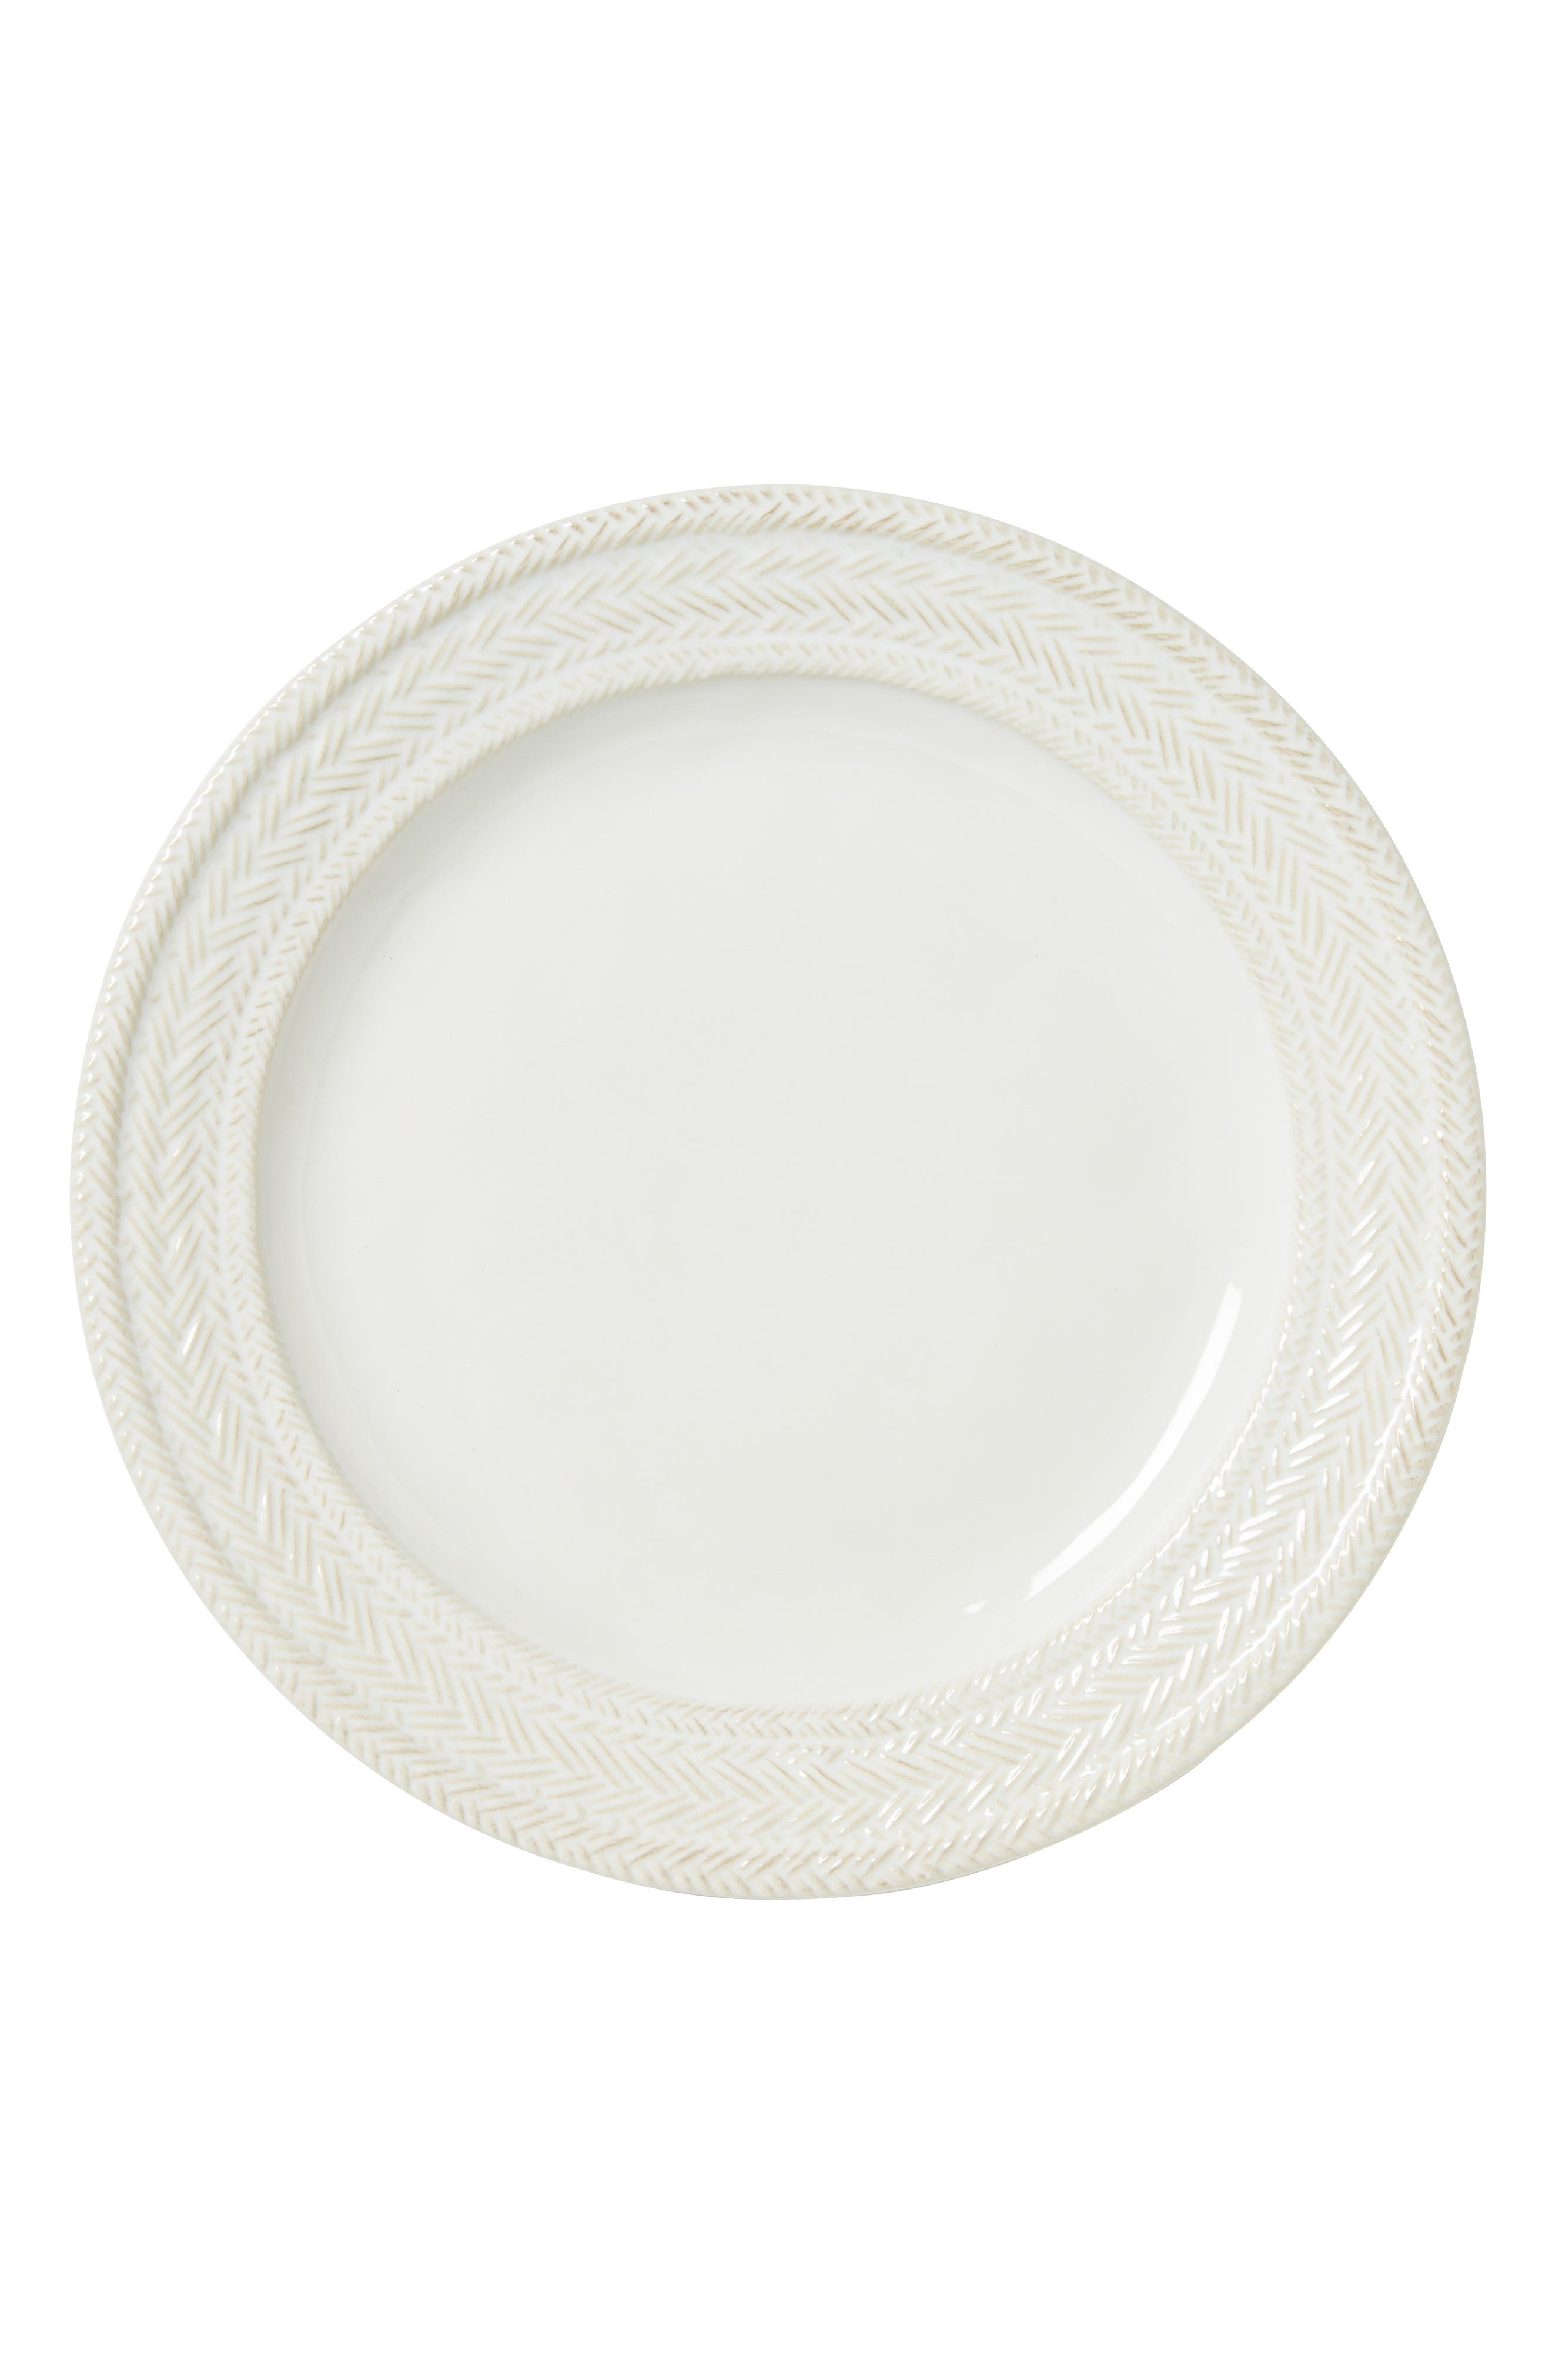 Le Panier Dinner Plate,                             Alternate thumbnail 2, color,                             WHITEWASH